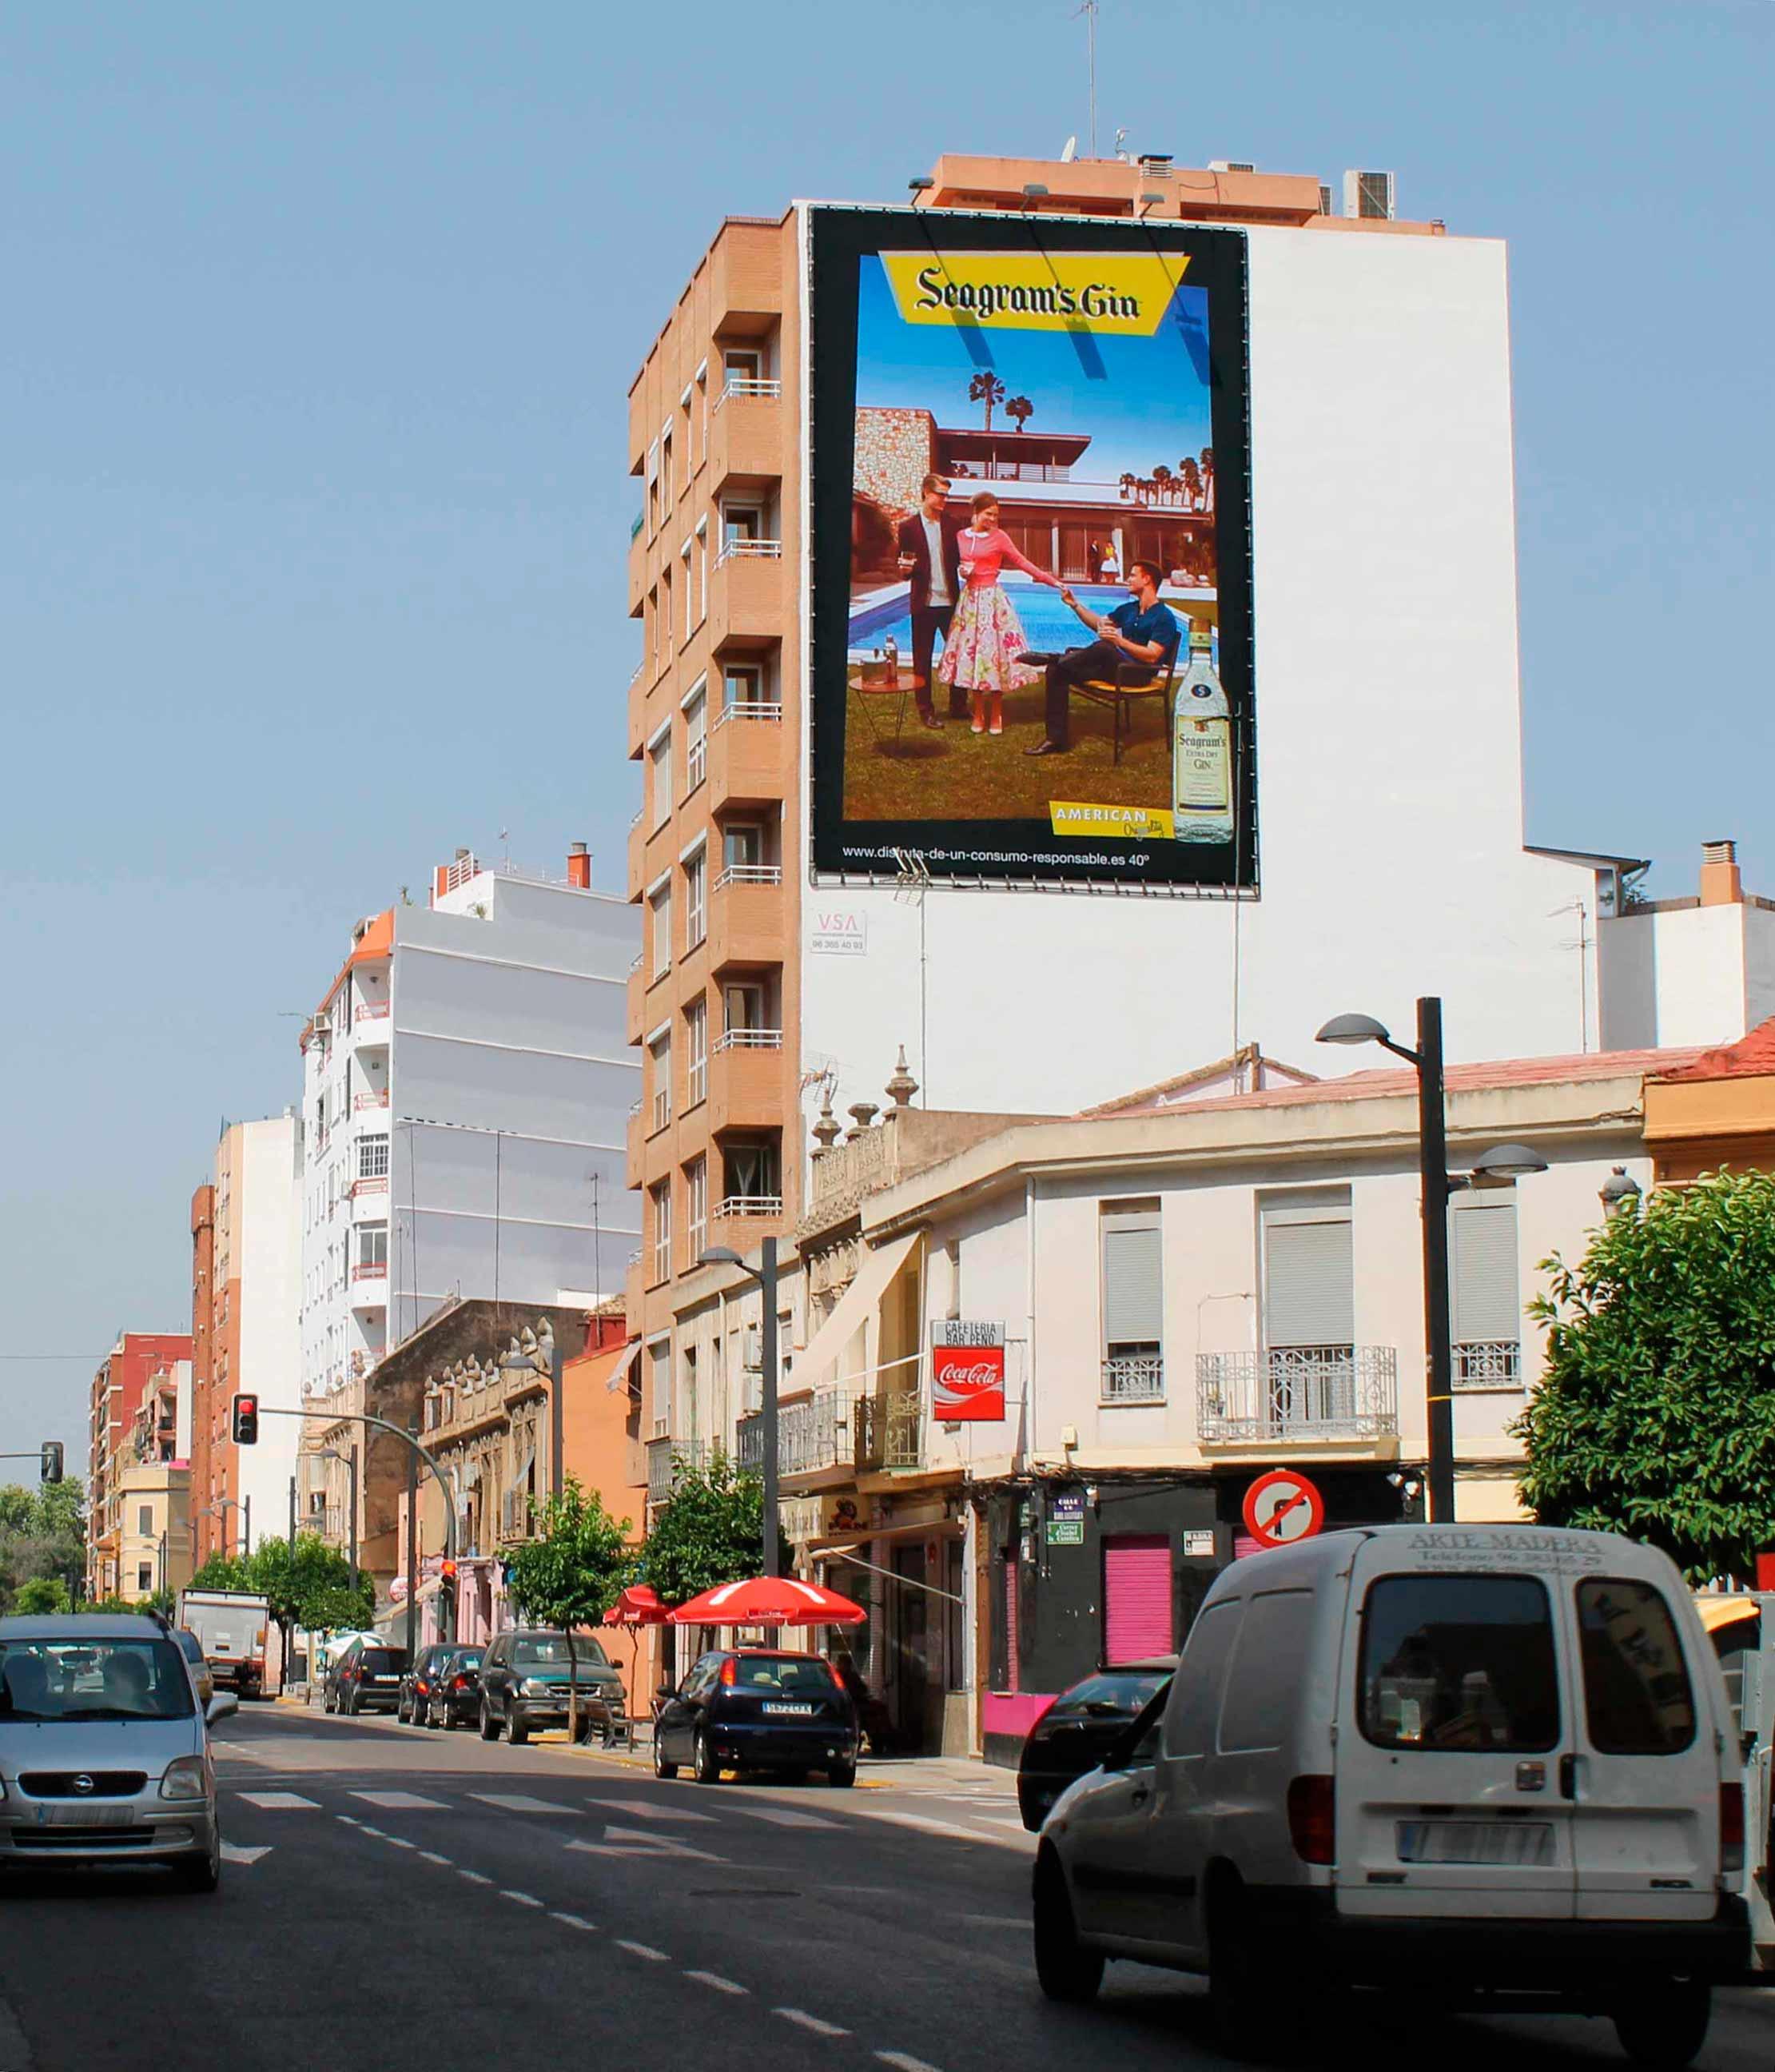 pym-medianera-publicidad-exterior-seagram-jazz-festival-2-valencia-vsa-comunicacion